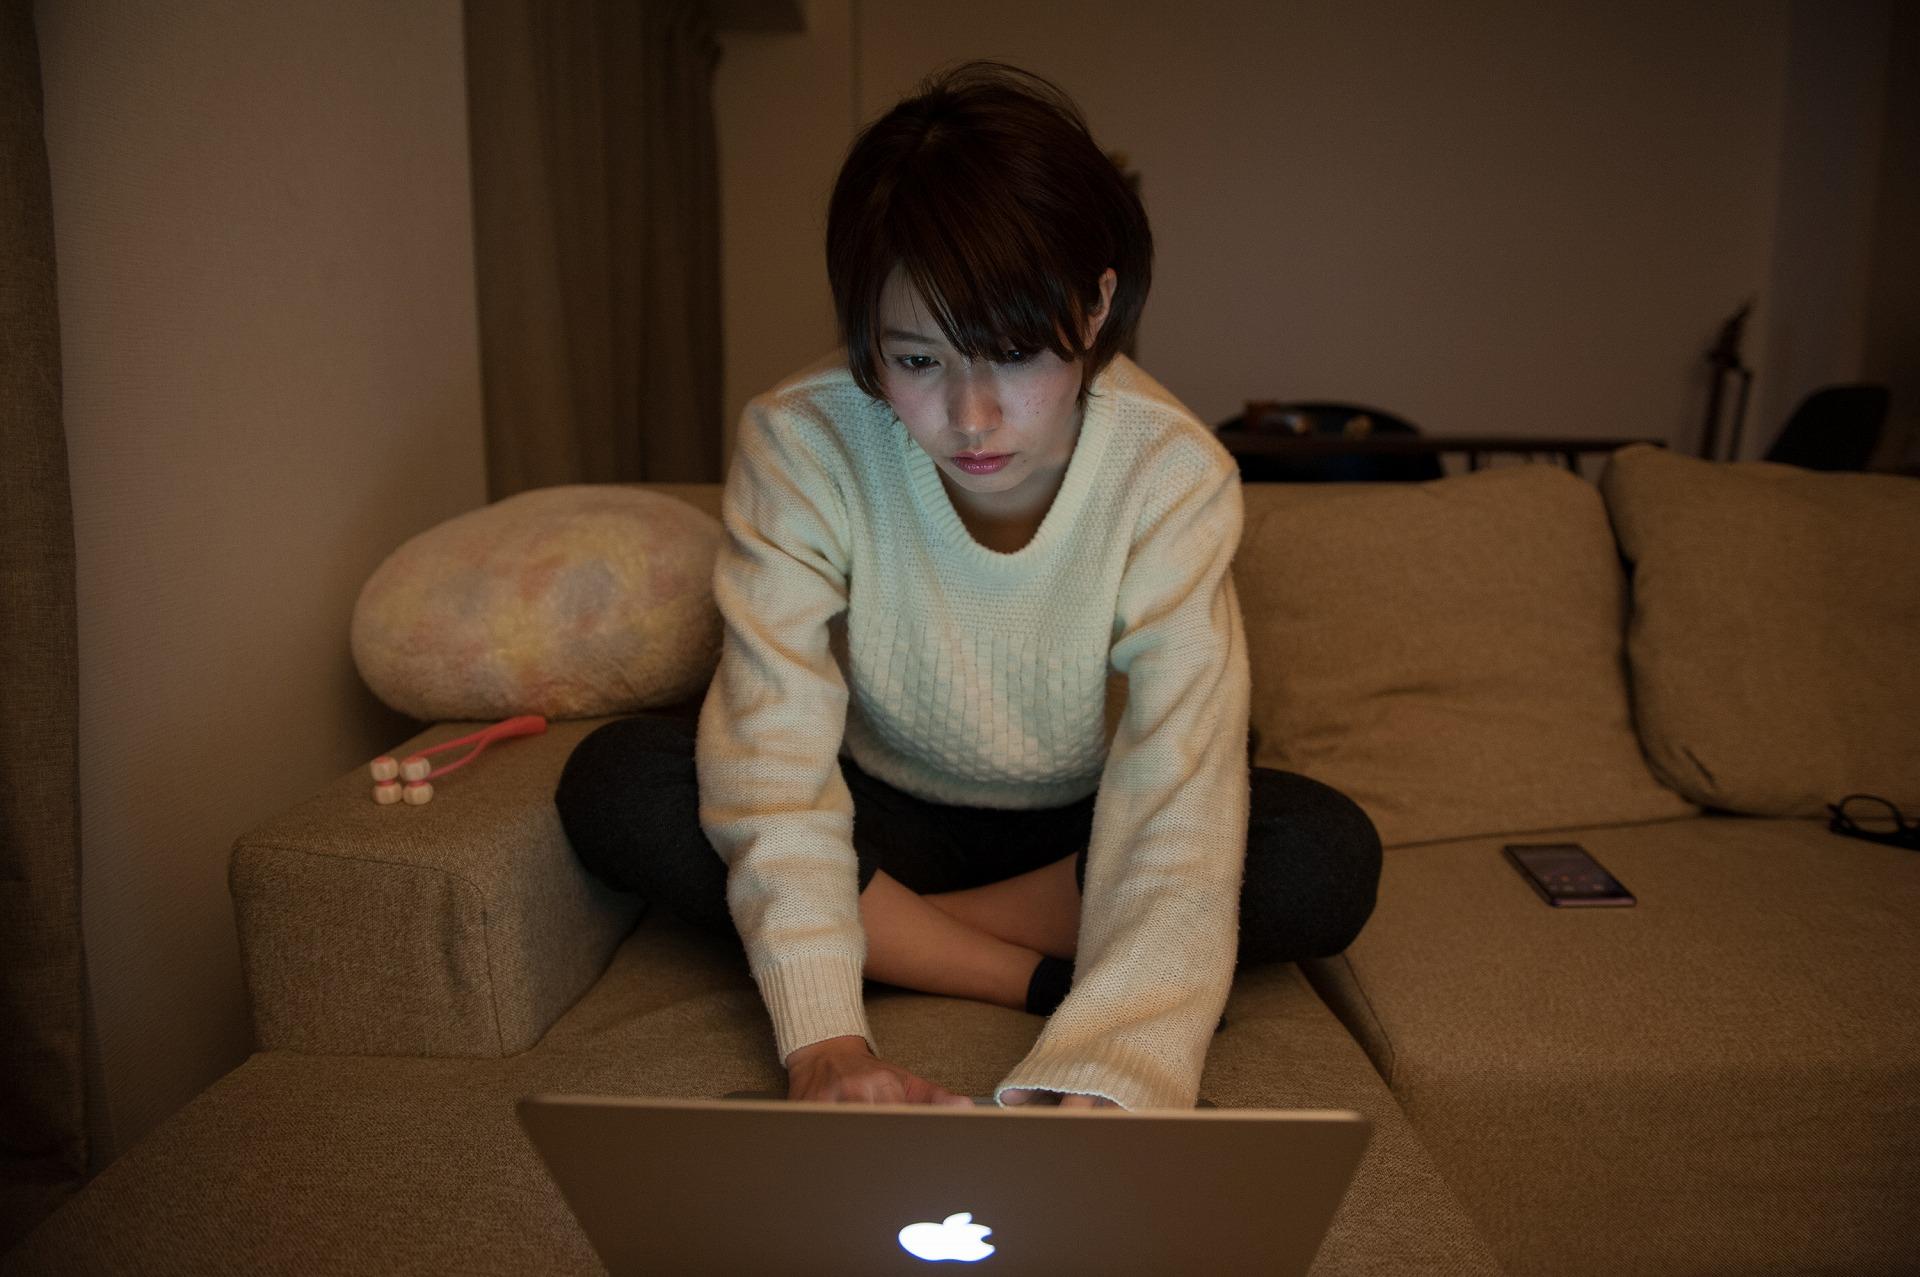 深夜にインターネットで友達を探すフリーターの女性